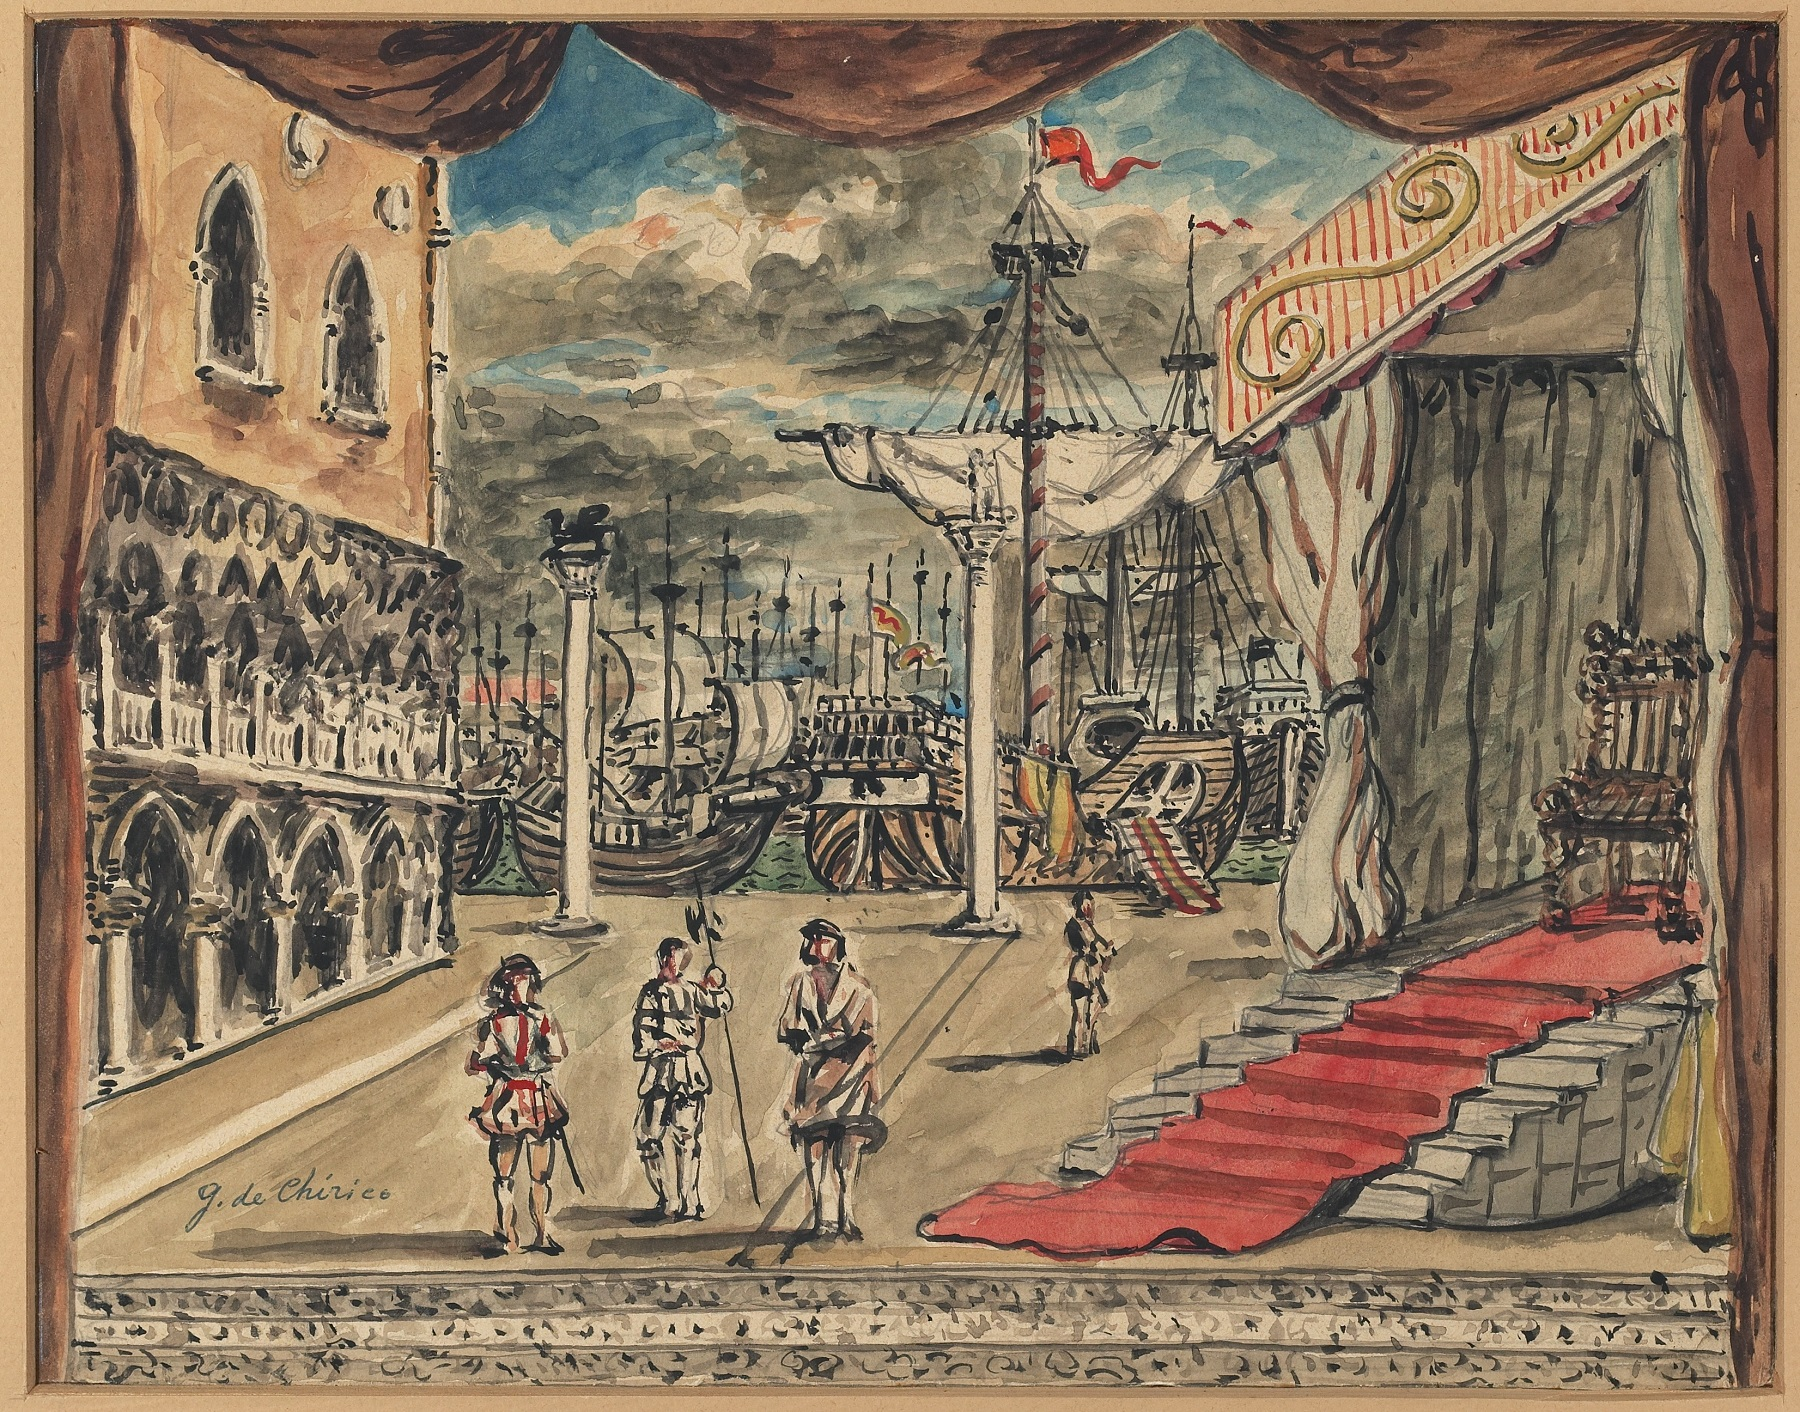 Artisti all'Opera - Giorgio De Chirico, sipario per Otello, 1964, tela dipinta a tempera